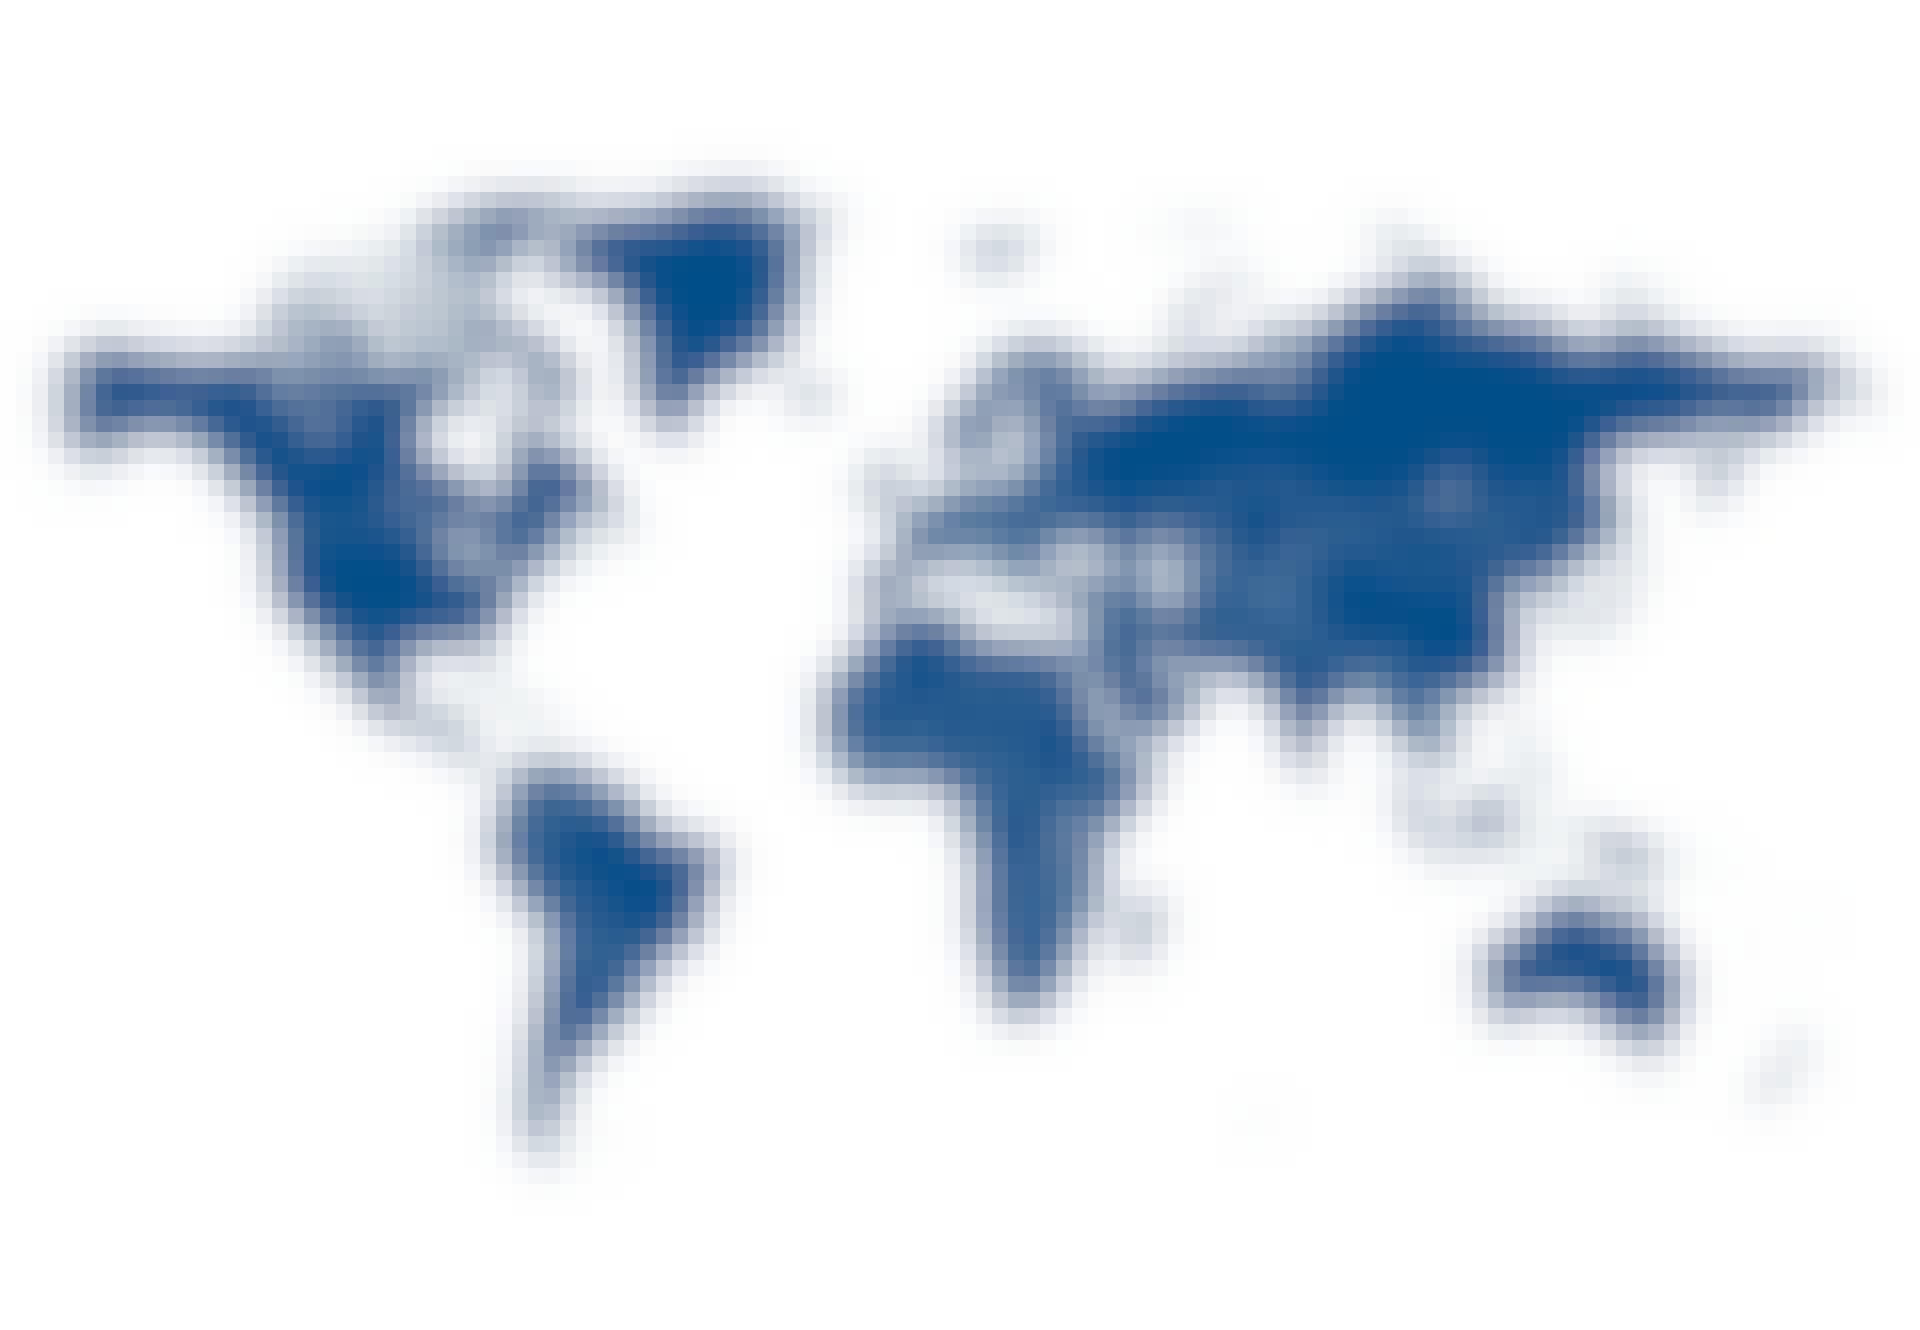 verdenskort oversigt